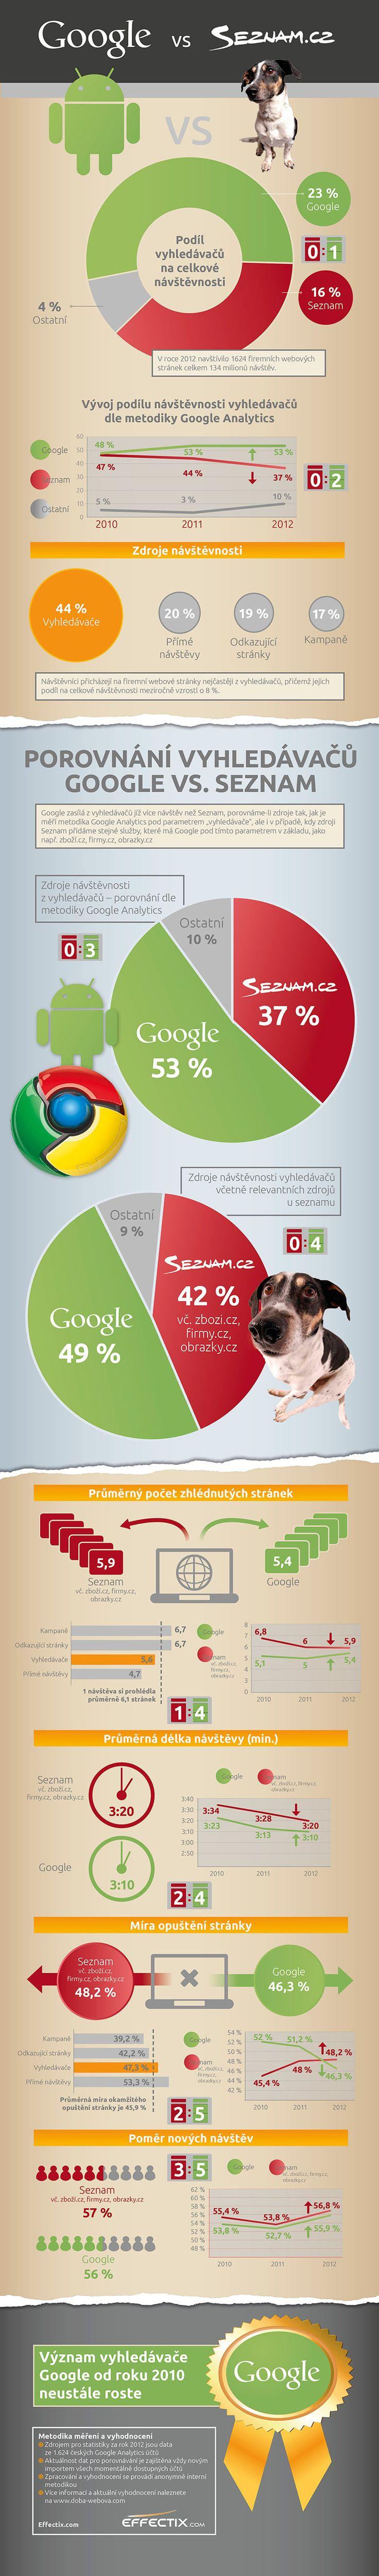 Infografika od Effectix: Google vs. Seznam - kdo zajišťuje firemním webům více návštěv a jaké jsou?